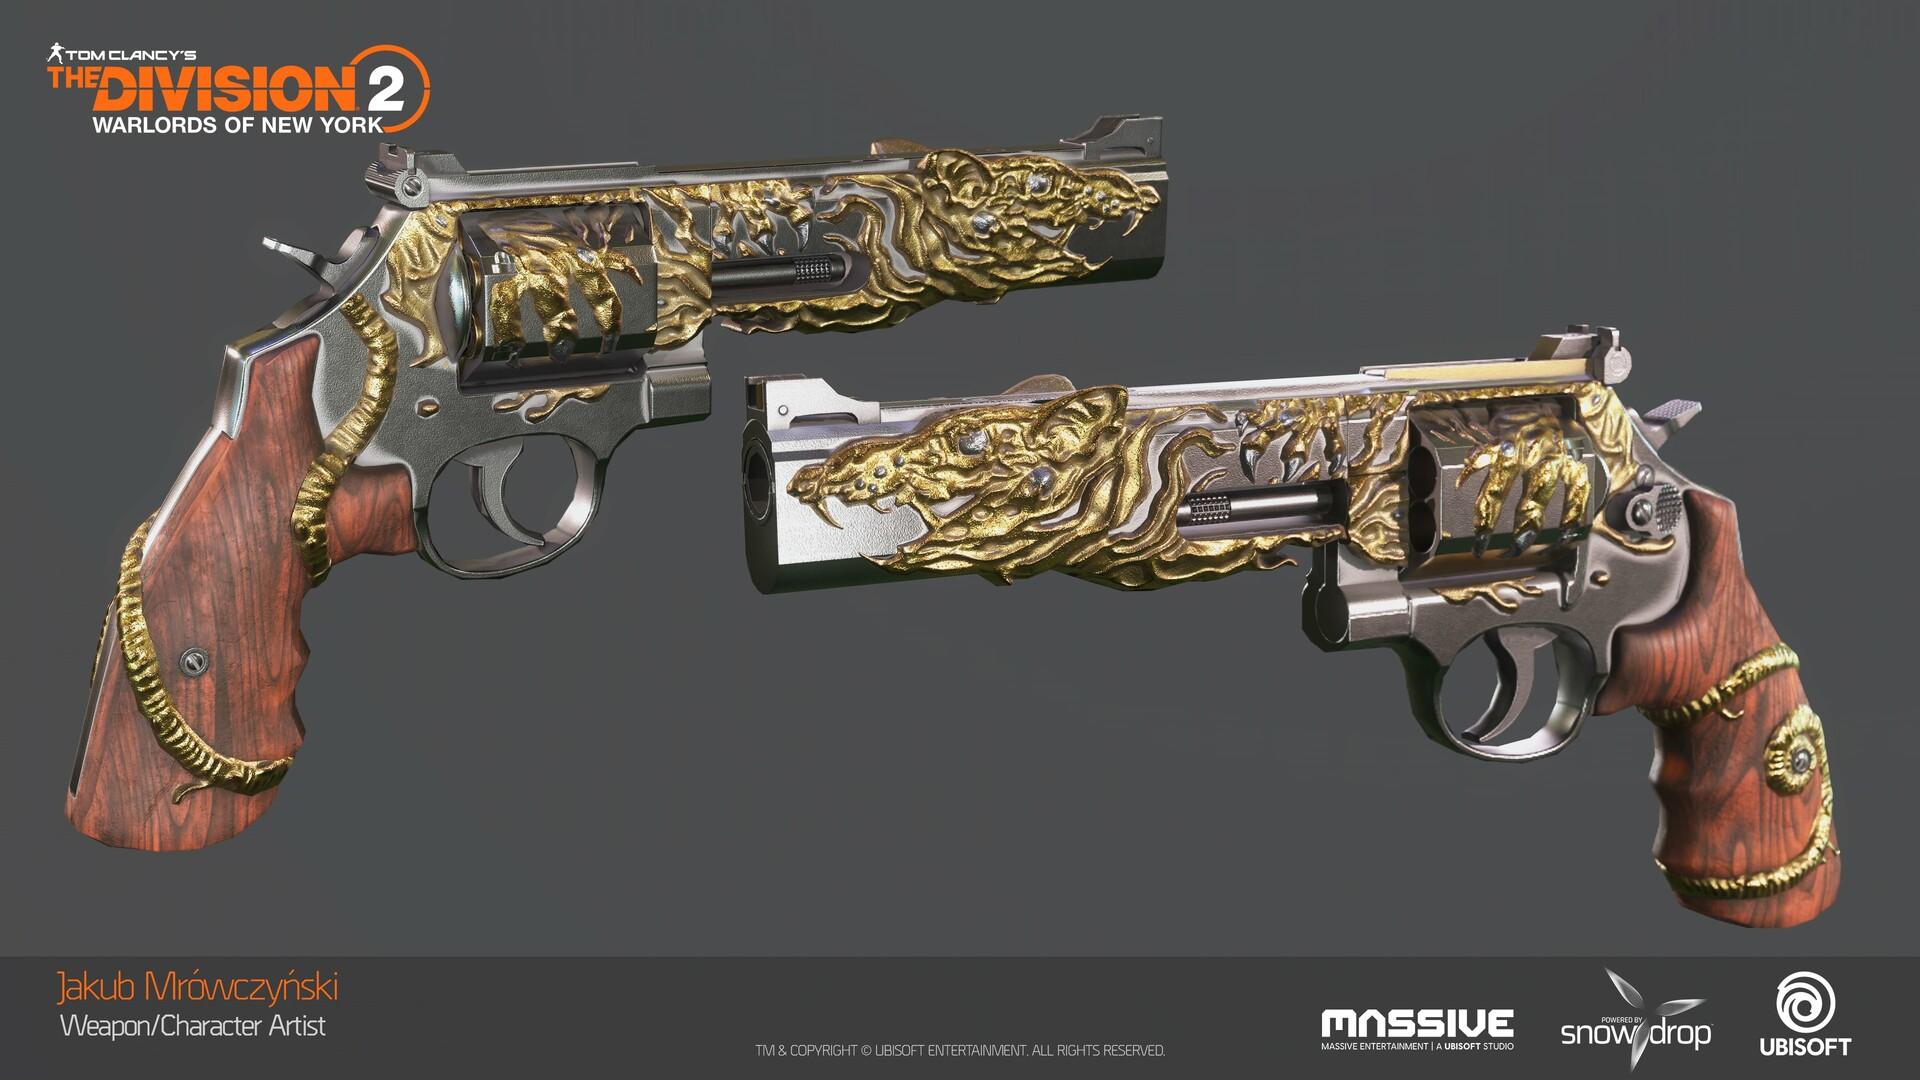 jakub-mrowczynski-rat-revolver-2-min.jpg